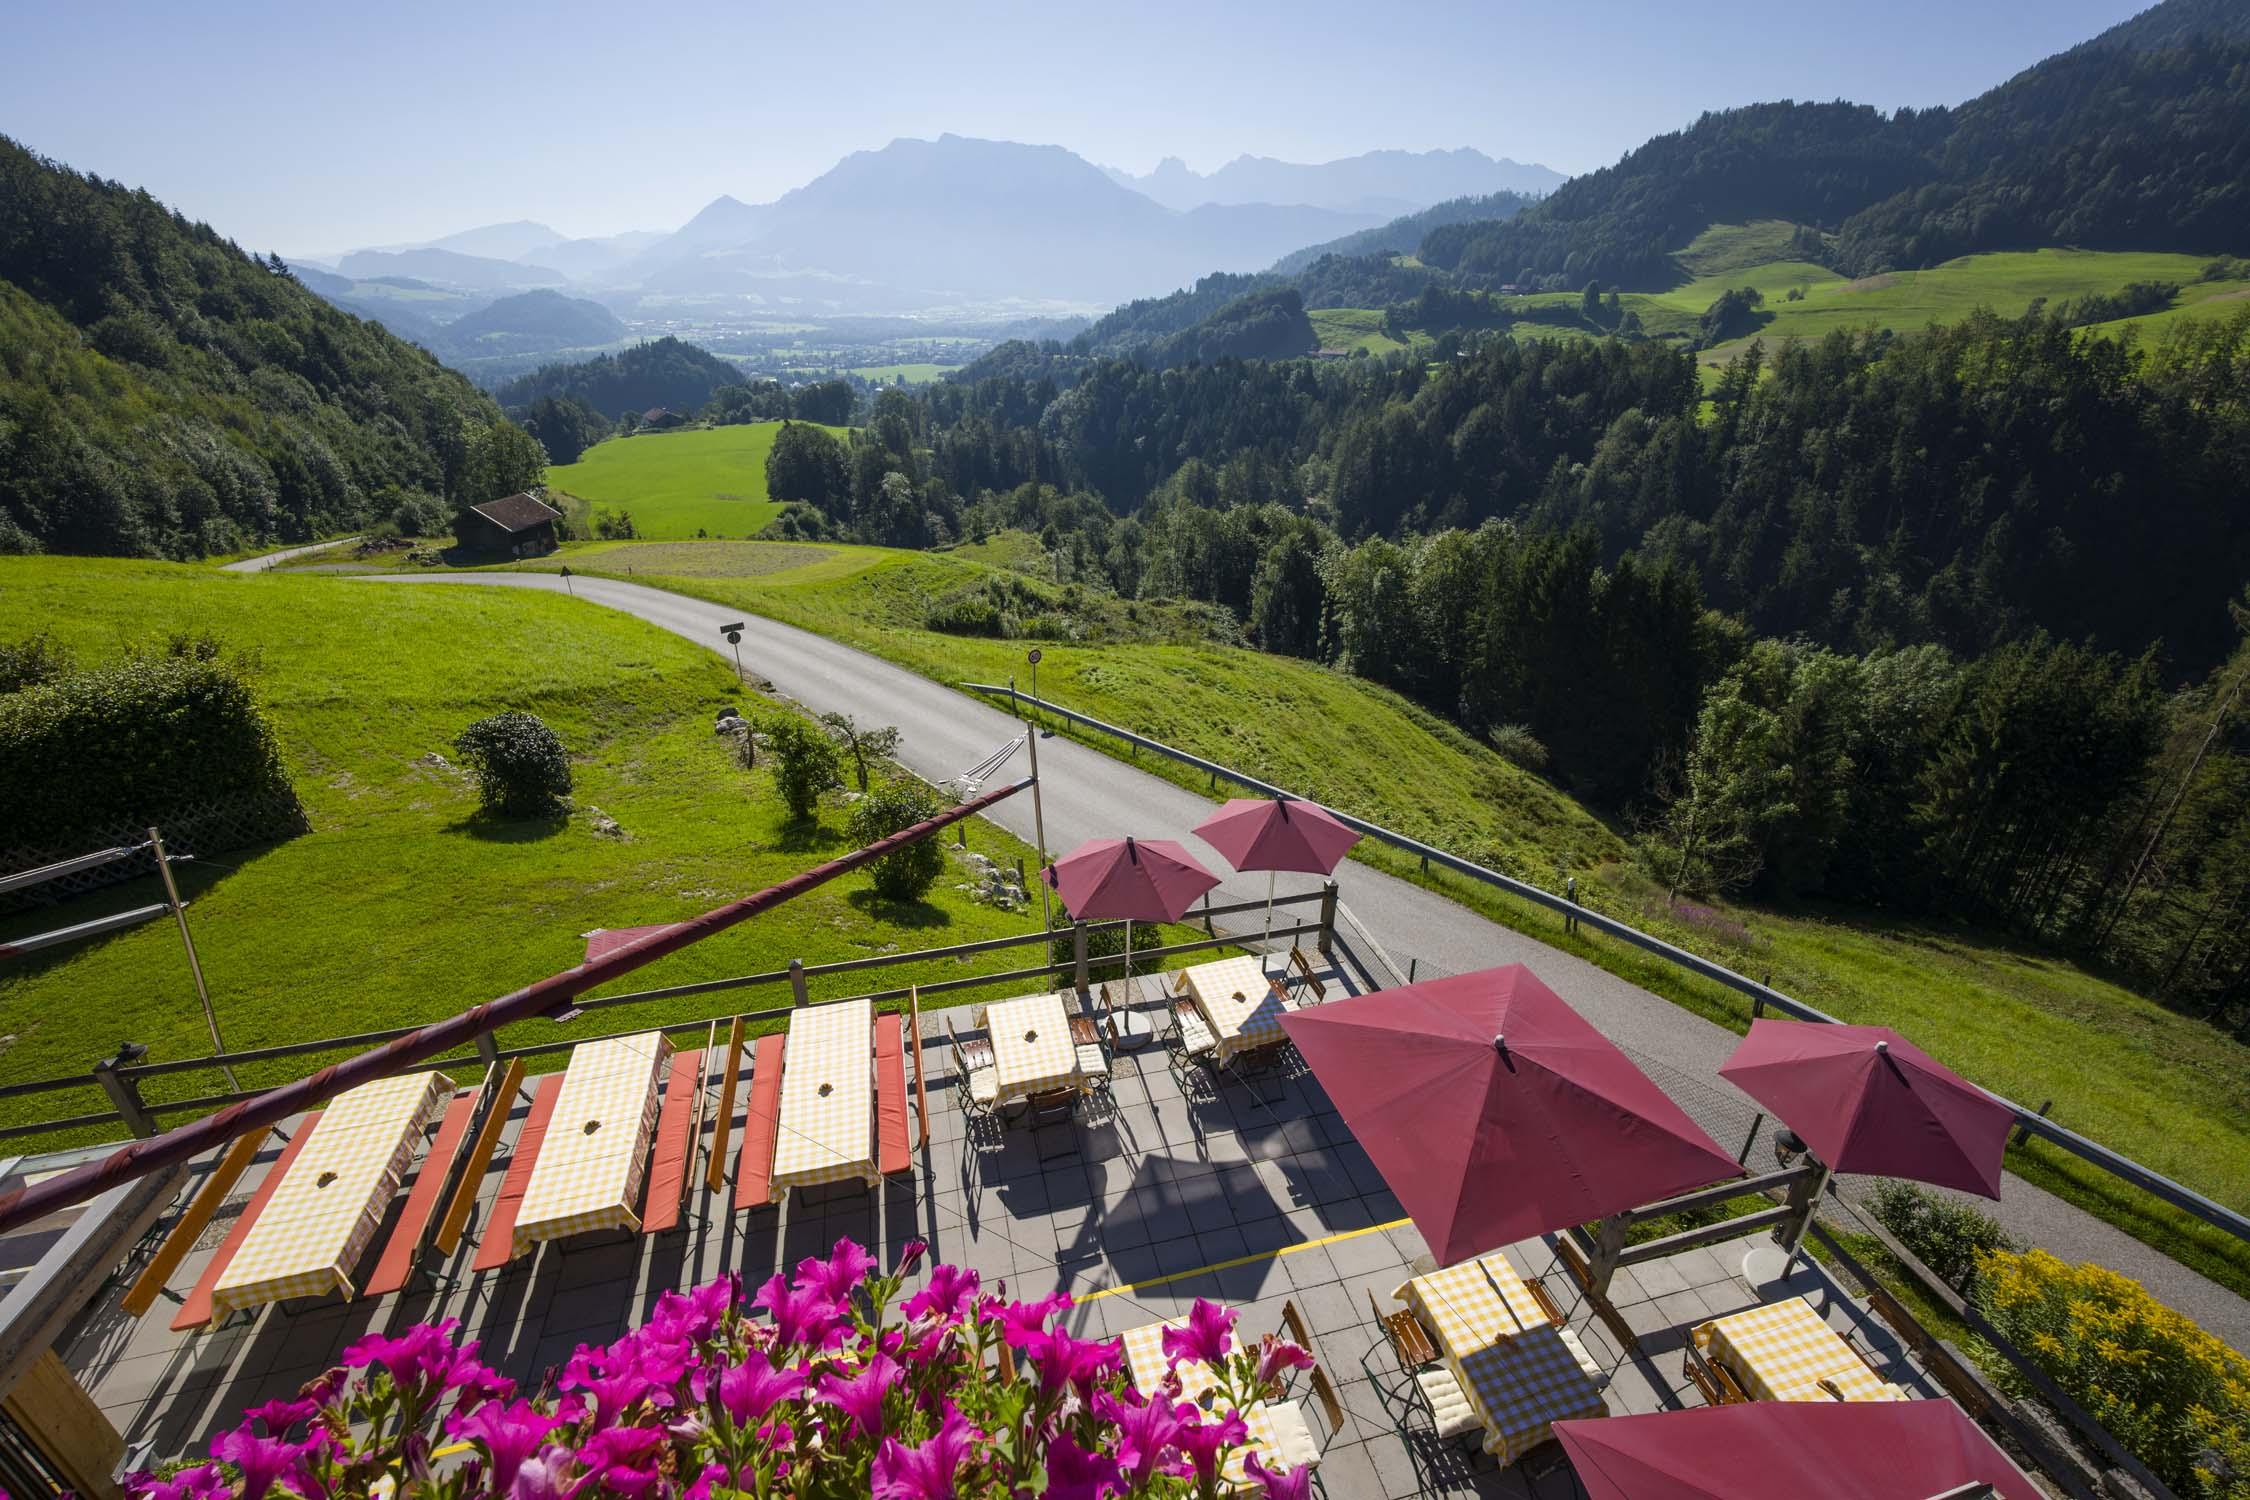 Ferienwohnung Berggasthof Hummelei (DE Oberaudorf). Ferienwohnung bis 4 Personen (711721), Oberaudorf, Chiemgau, Bayern, Deutschland, Bild 6